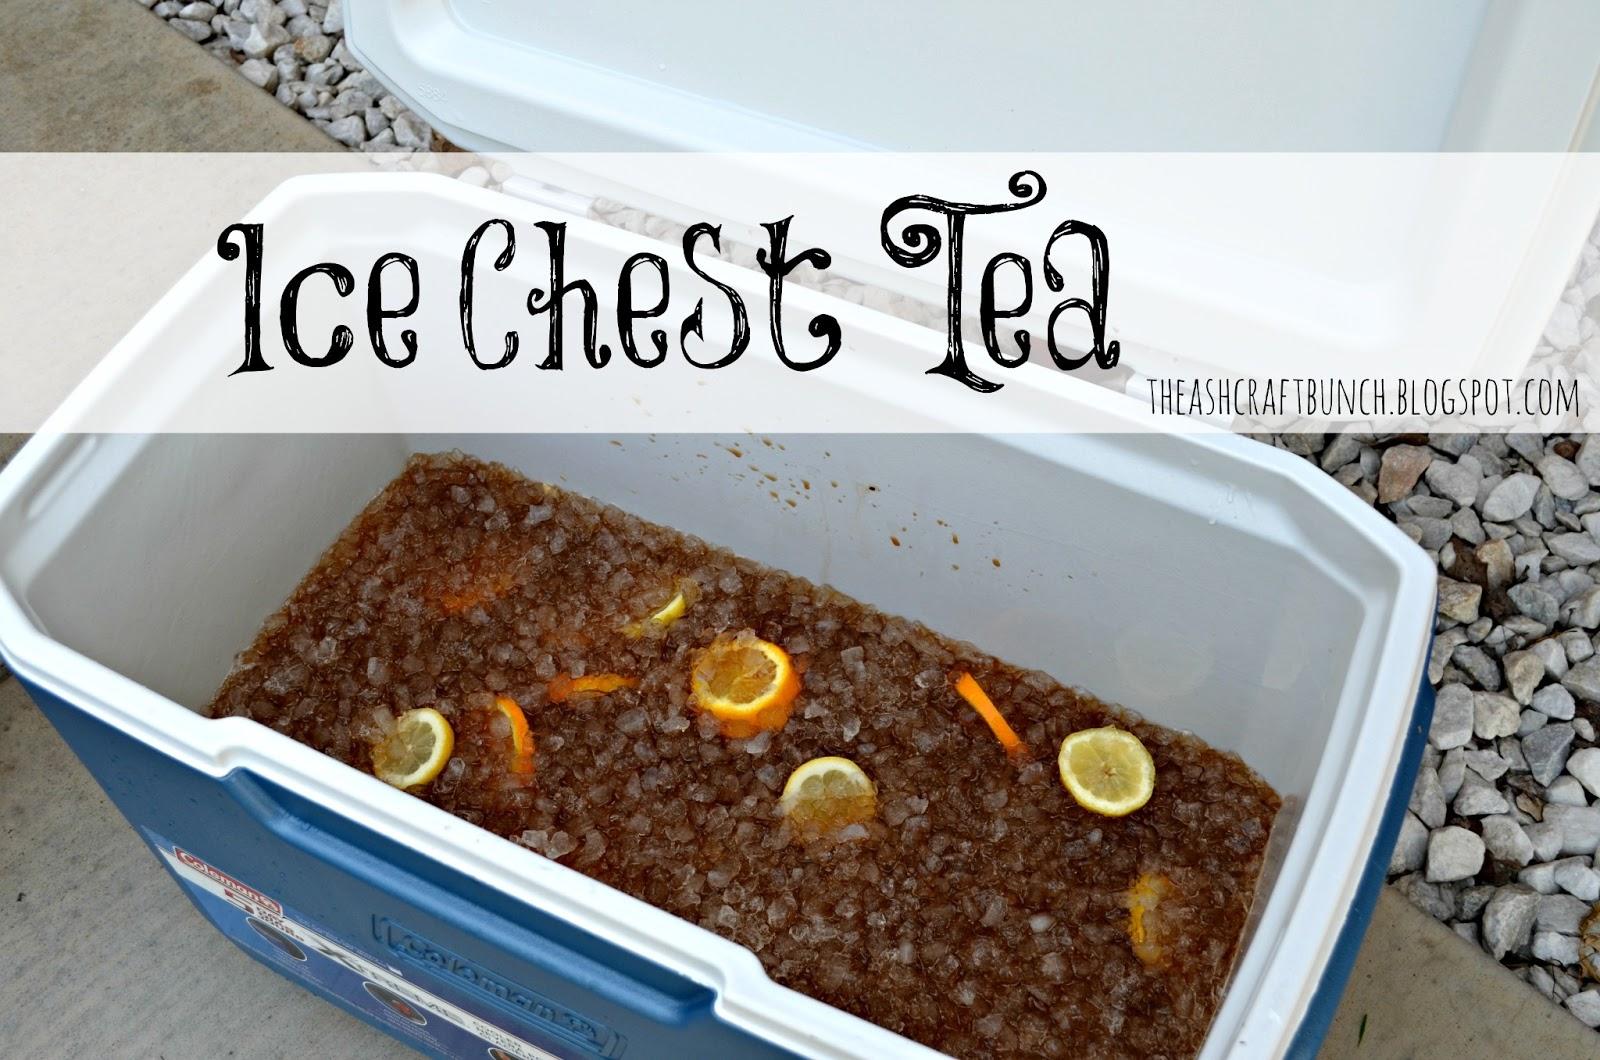 Ice Chest Tea